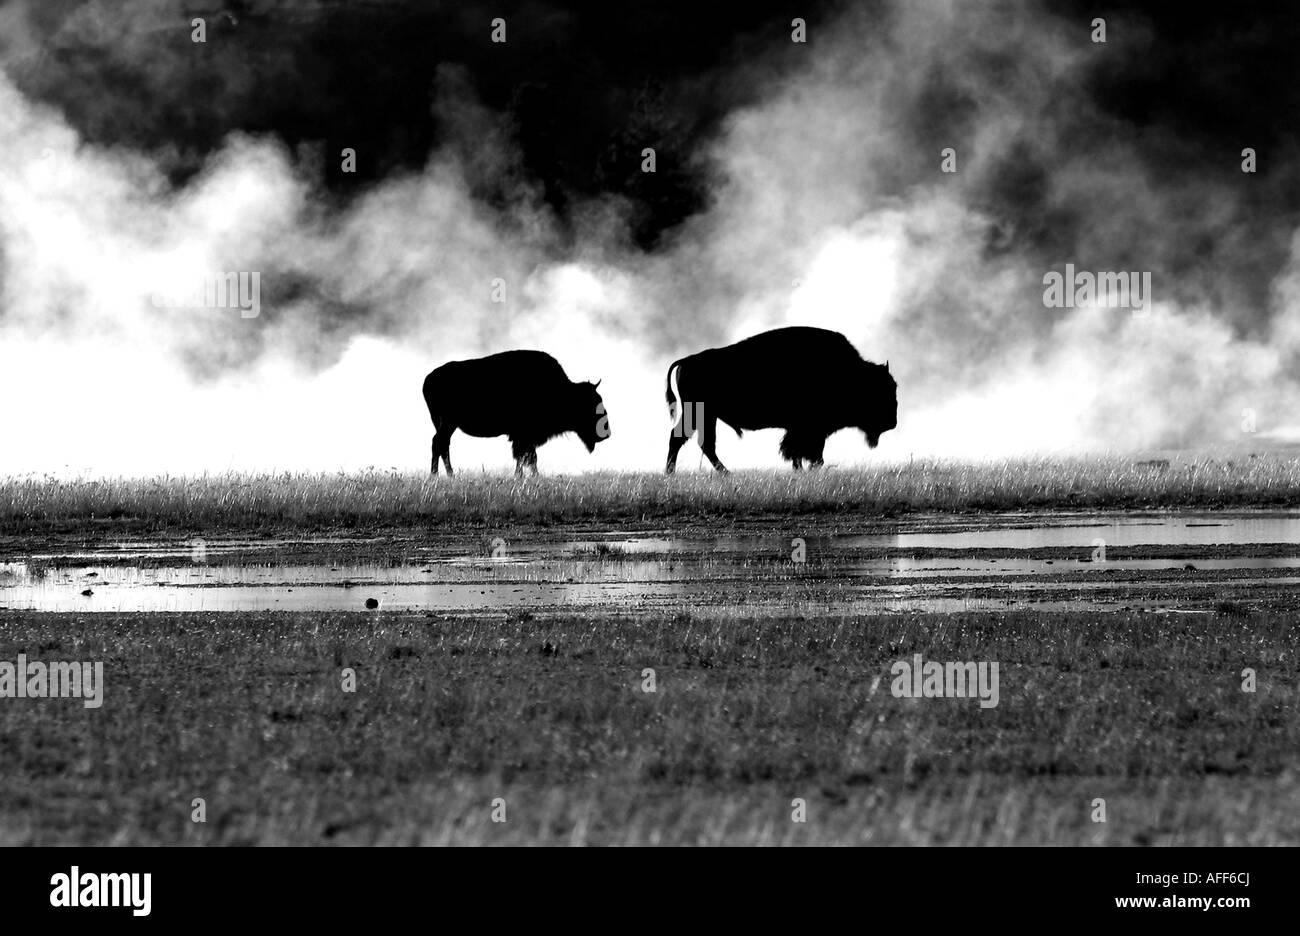 buffalo at the vents - Stock Image